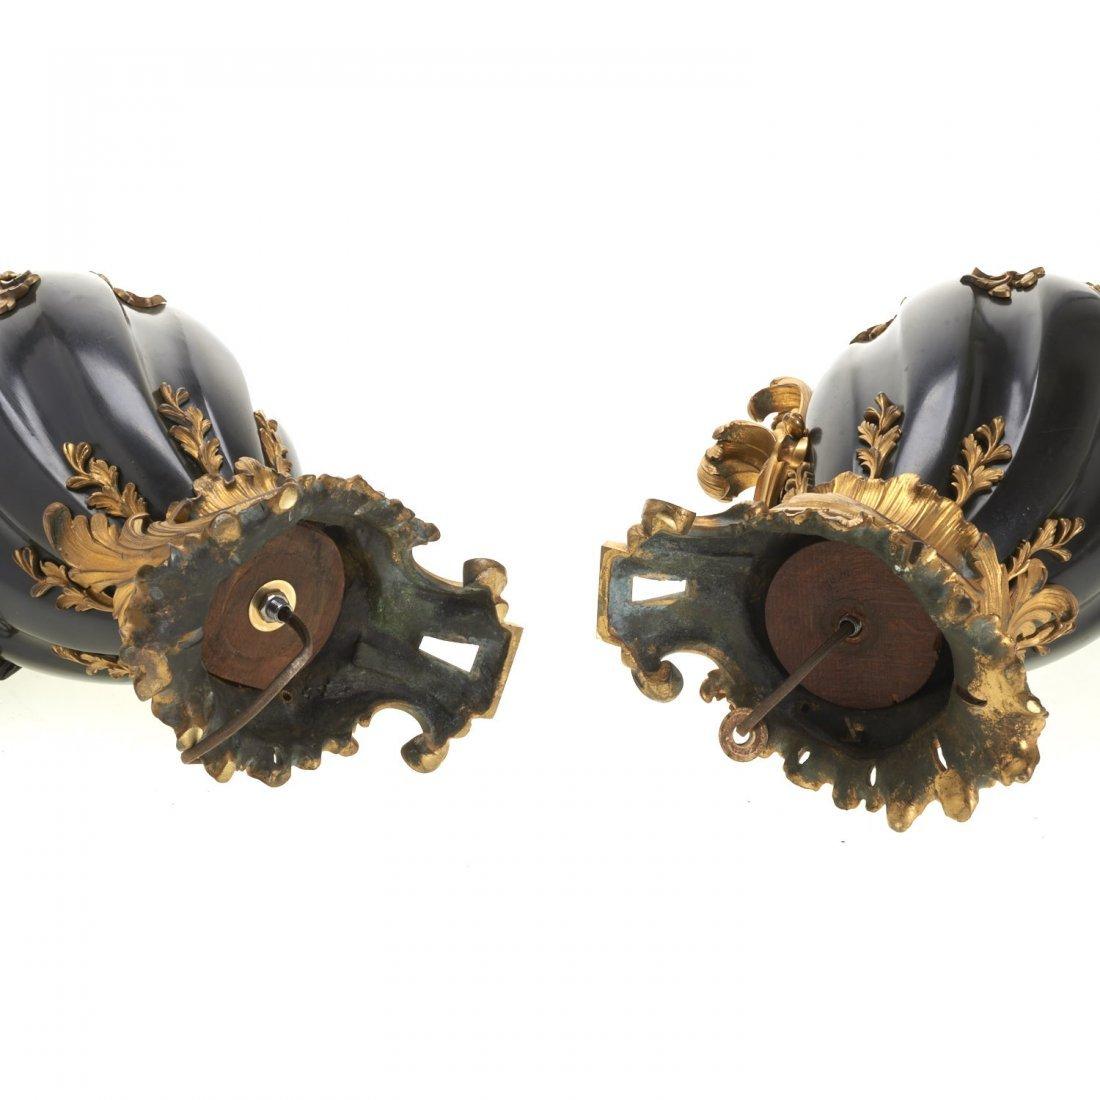 Pr Continental Rococo gilt, ebonized bronze lamps - 7